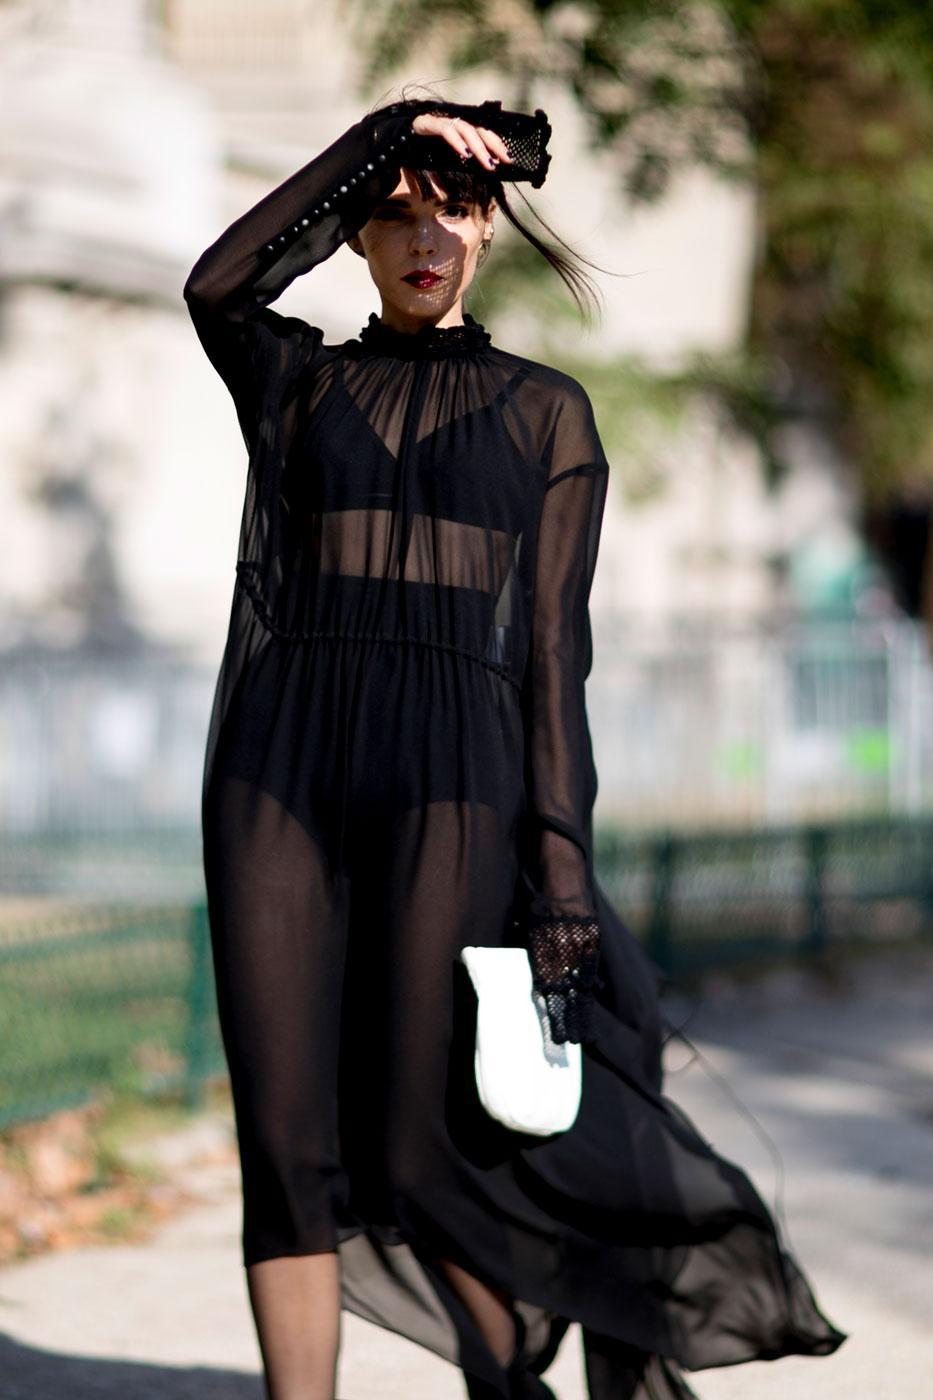 ... jeu de manches et couleurs   les tics mode des Street Style à la Paris  Fashion Week -in the navy Trench, jeu de manches et couleurs   les tics  mode des ... 527b7397dfee